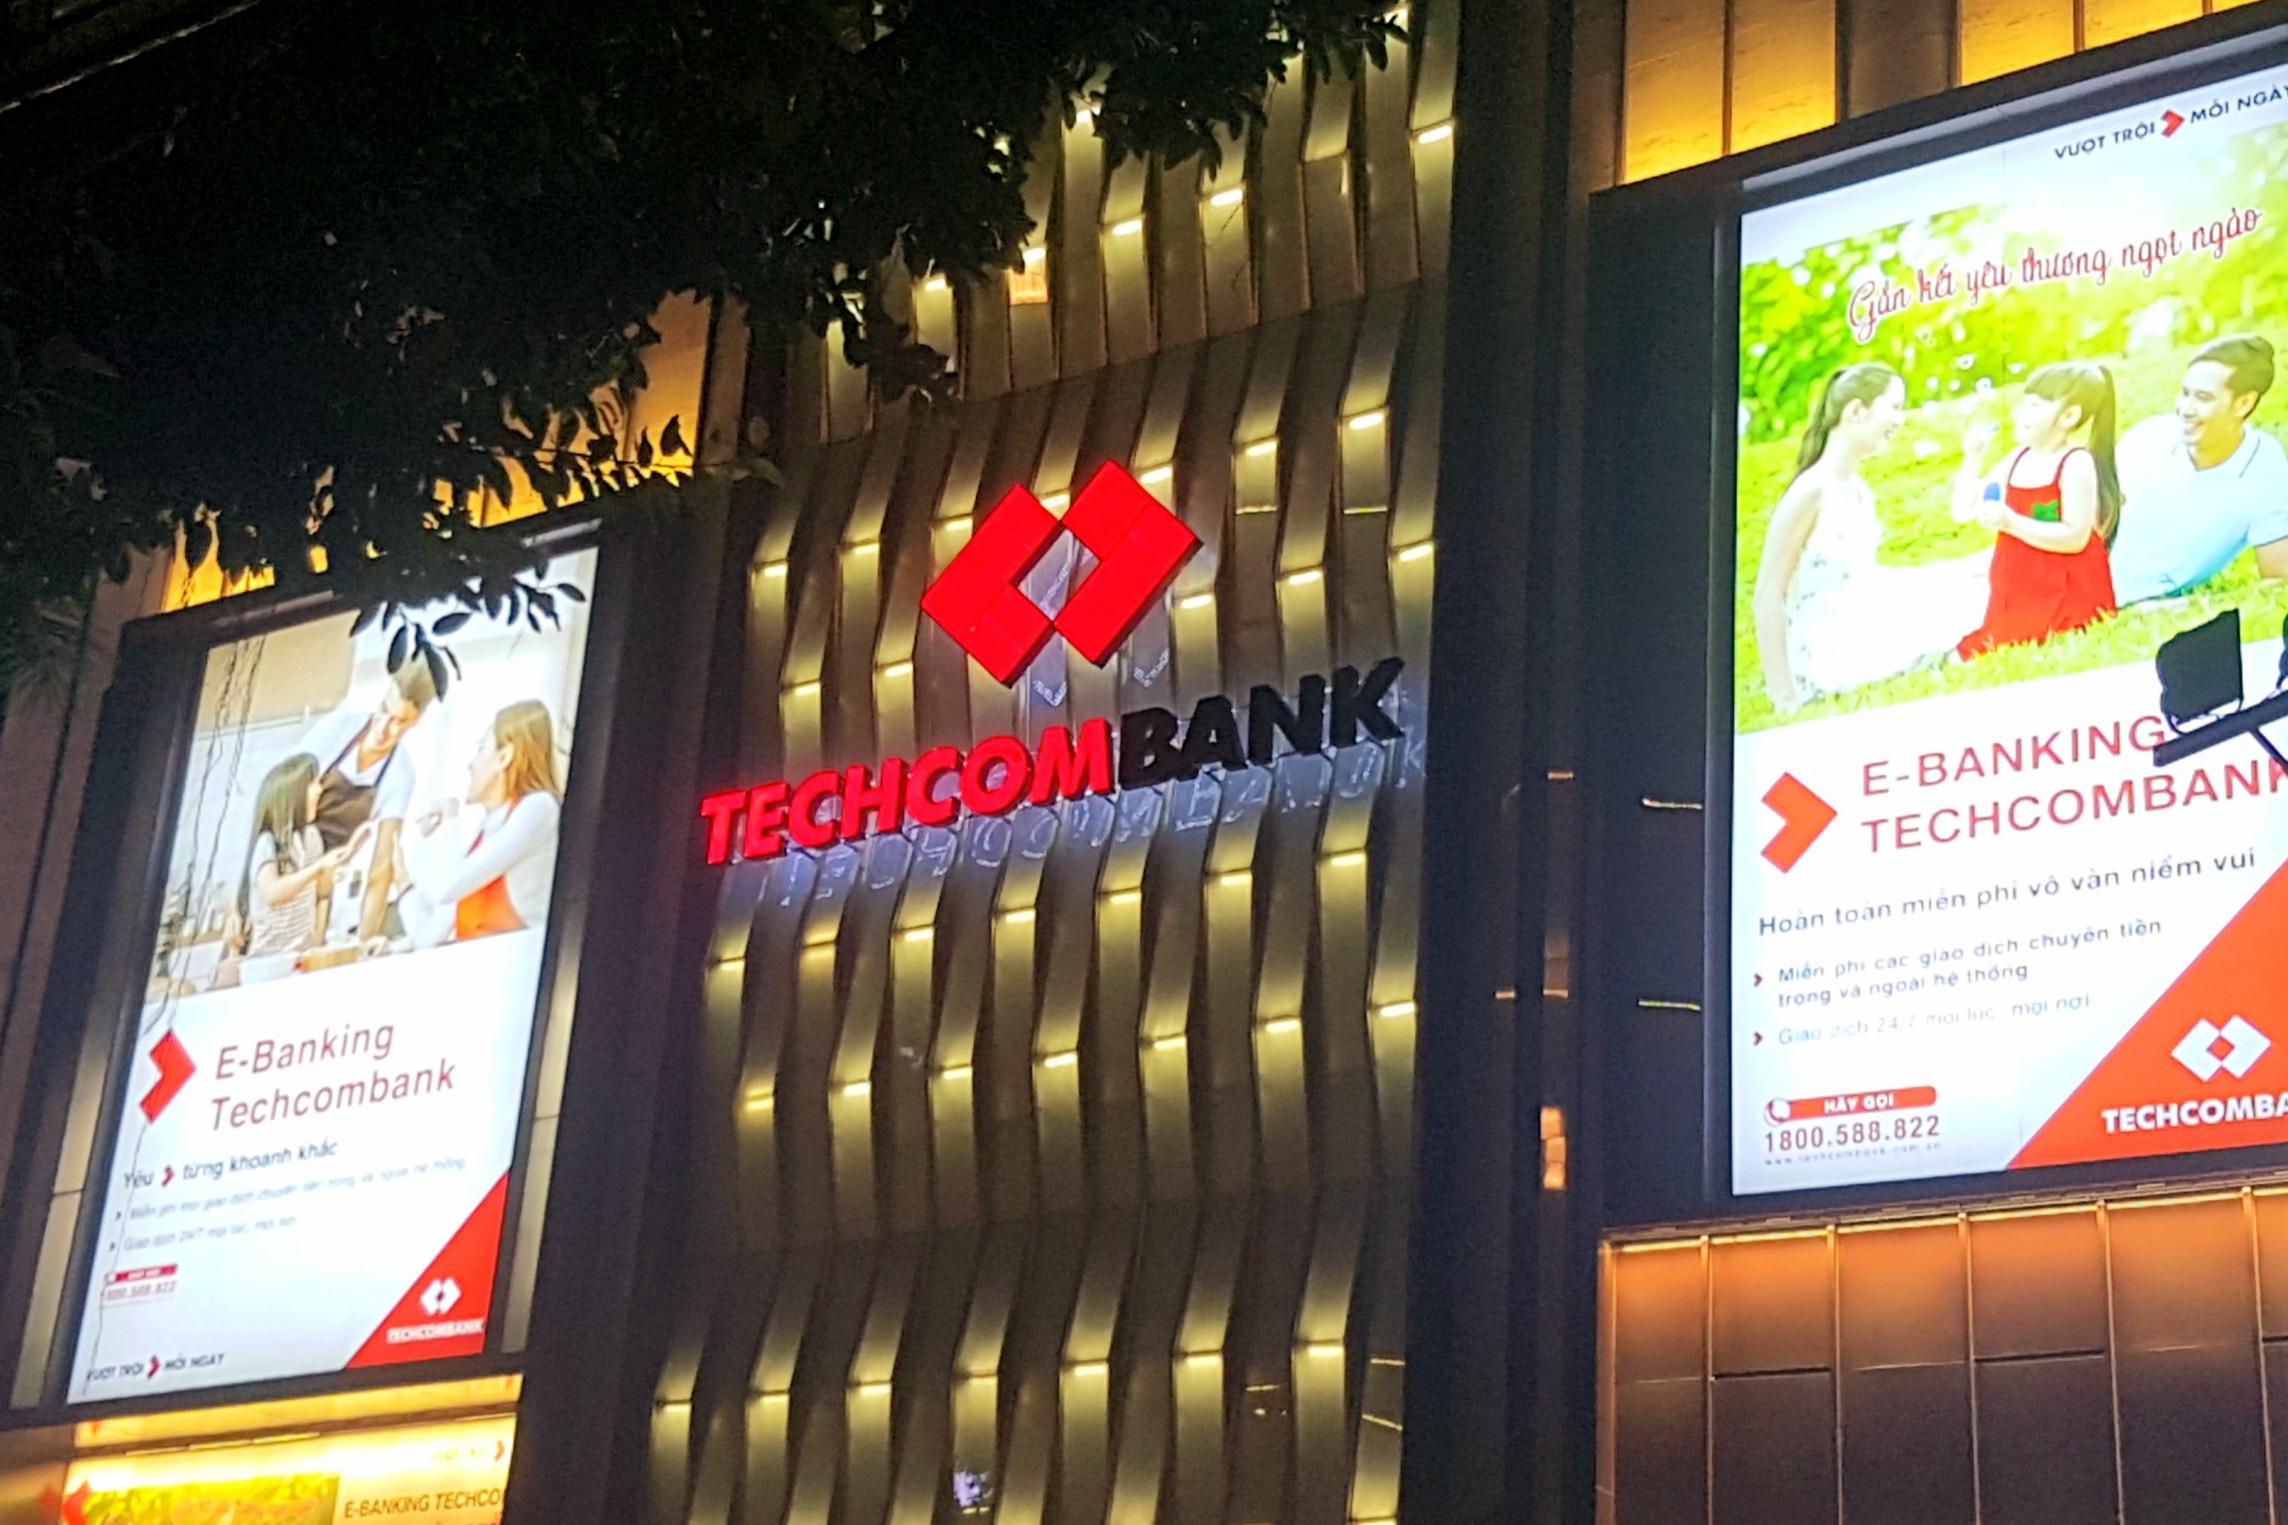 Techcombank phân phối xong gần 4,77 triệu cổ phiếu cho 217 nhân viên